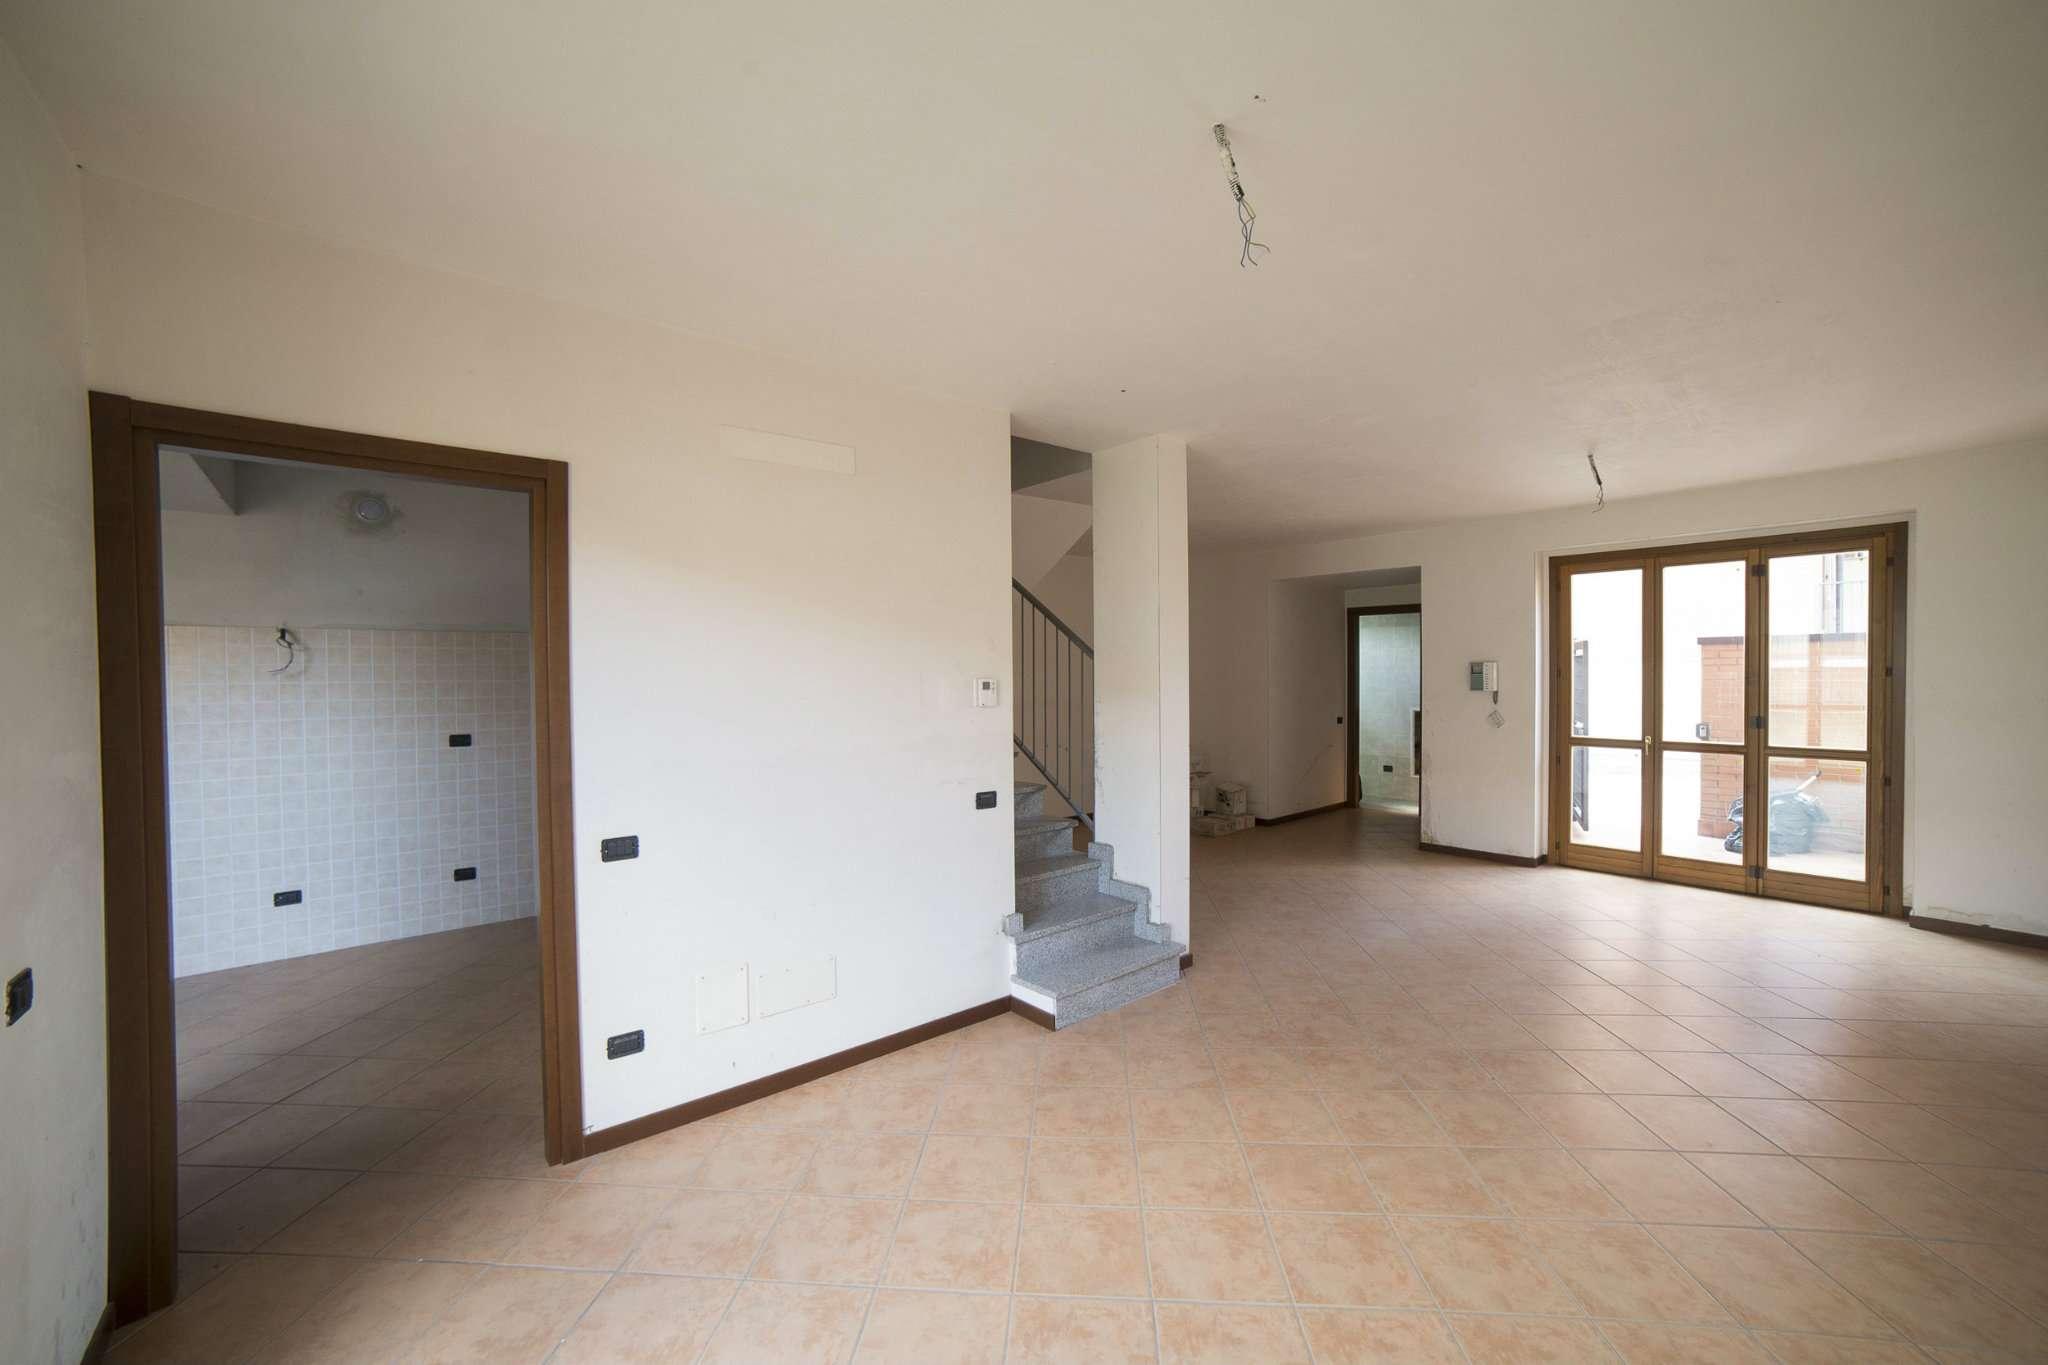 Villa in vendita a Albairate, 5 locali, prezzo € 240.000 | CambioCasa.it